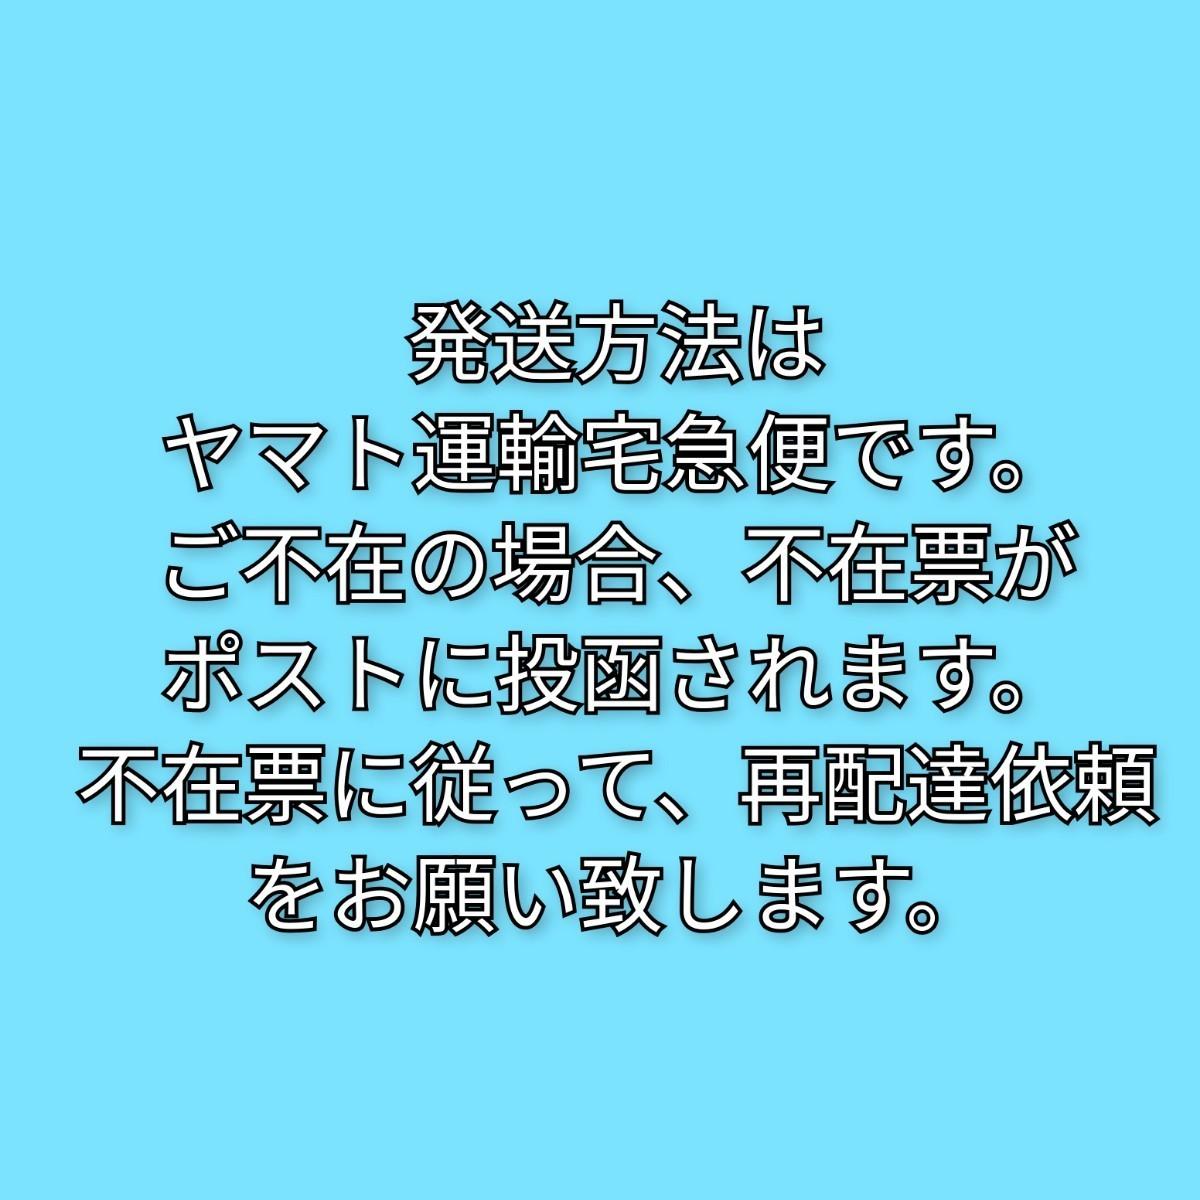 豆の状態 澤井珈琲 ブレンドフォルテシモ 4袋 1袋500g コーヒー豆 コーヒー 珈琲